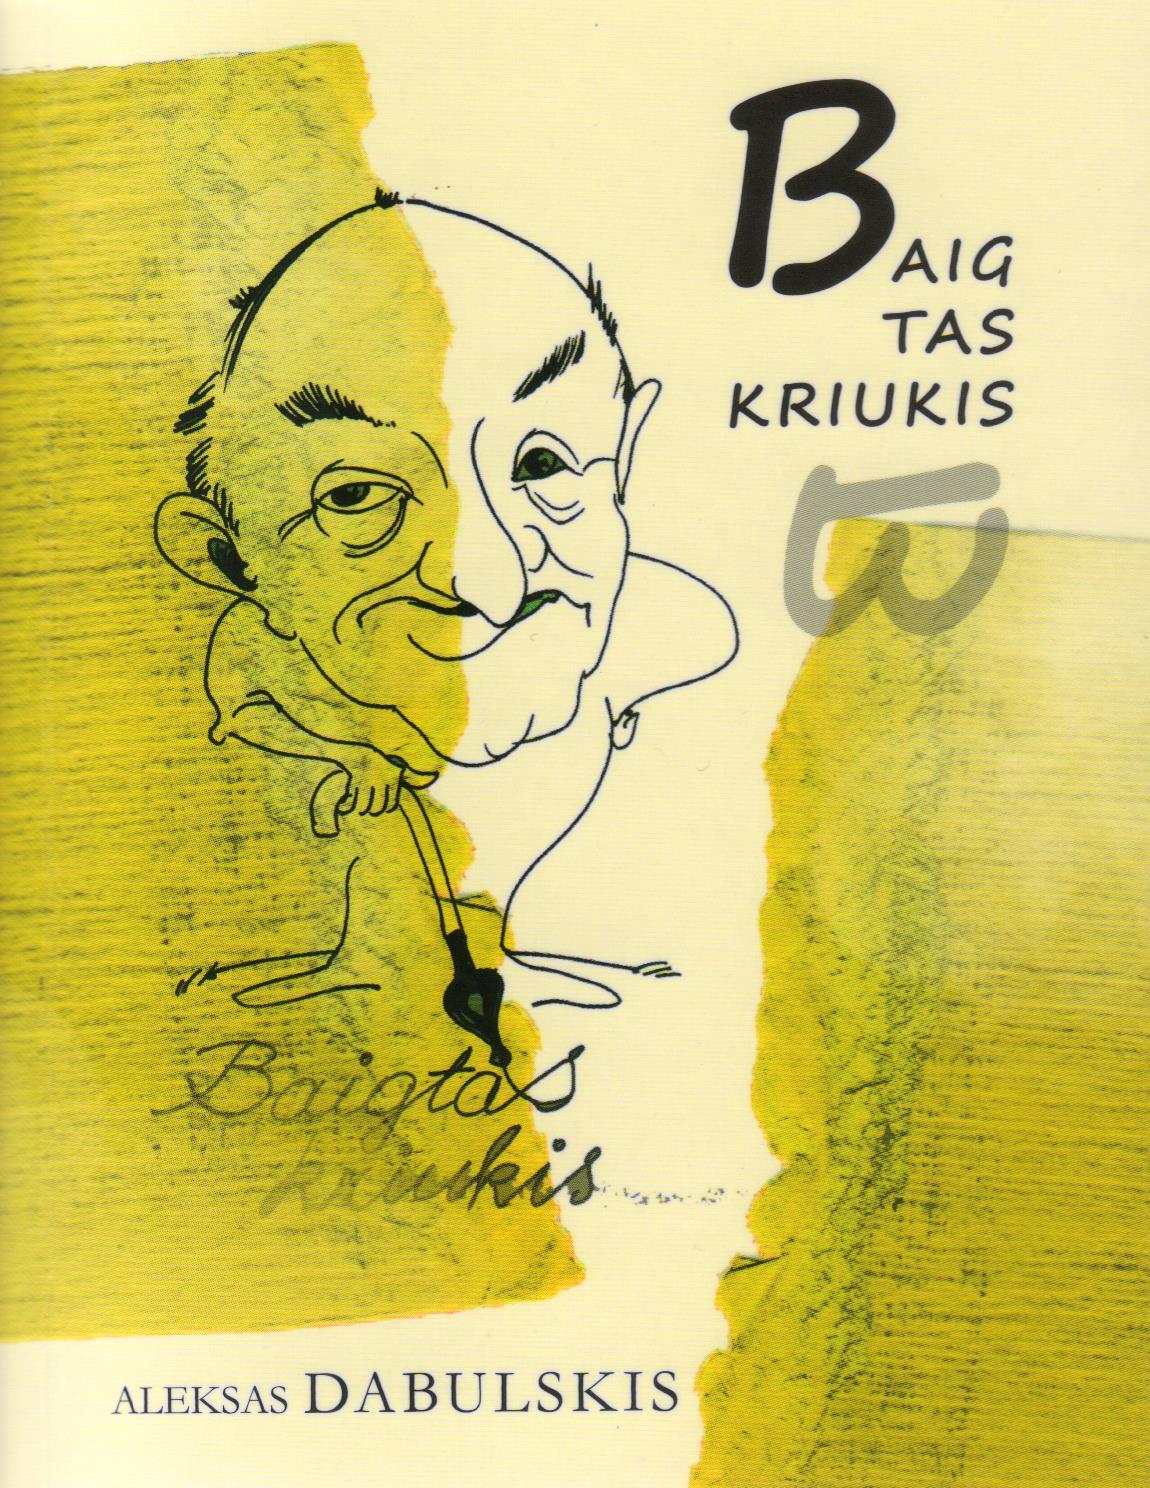 """Aleksas Dabulskis """"Baigtas kriukis"""" (Kaunas: Kauko laiptai, 2014)"""